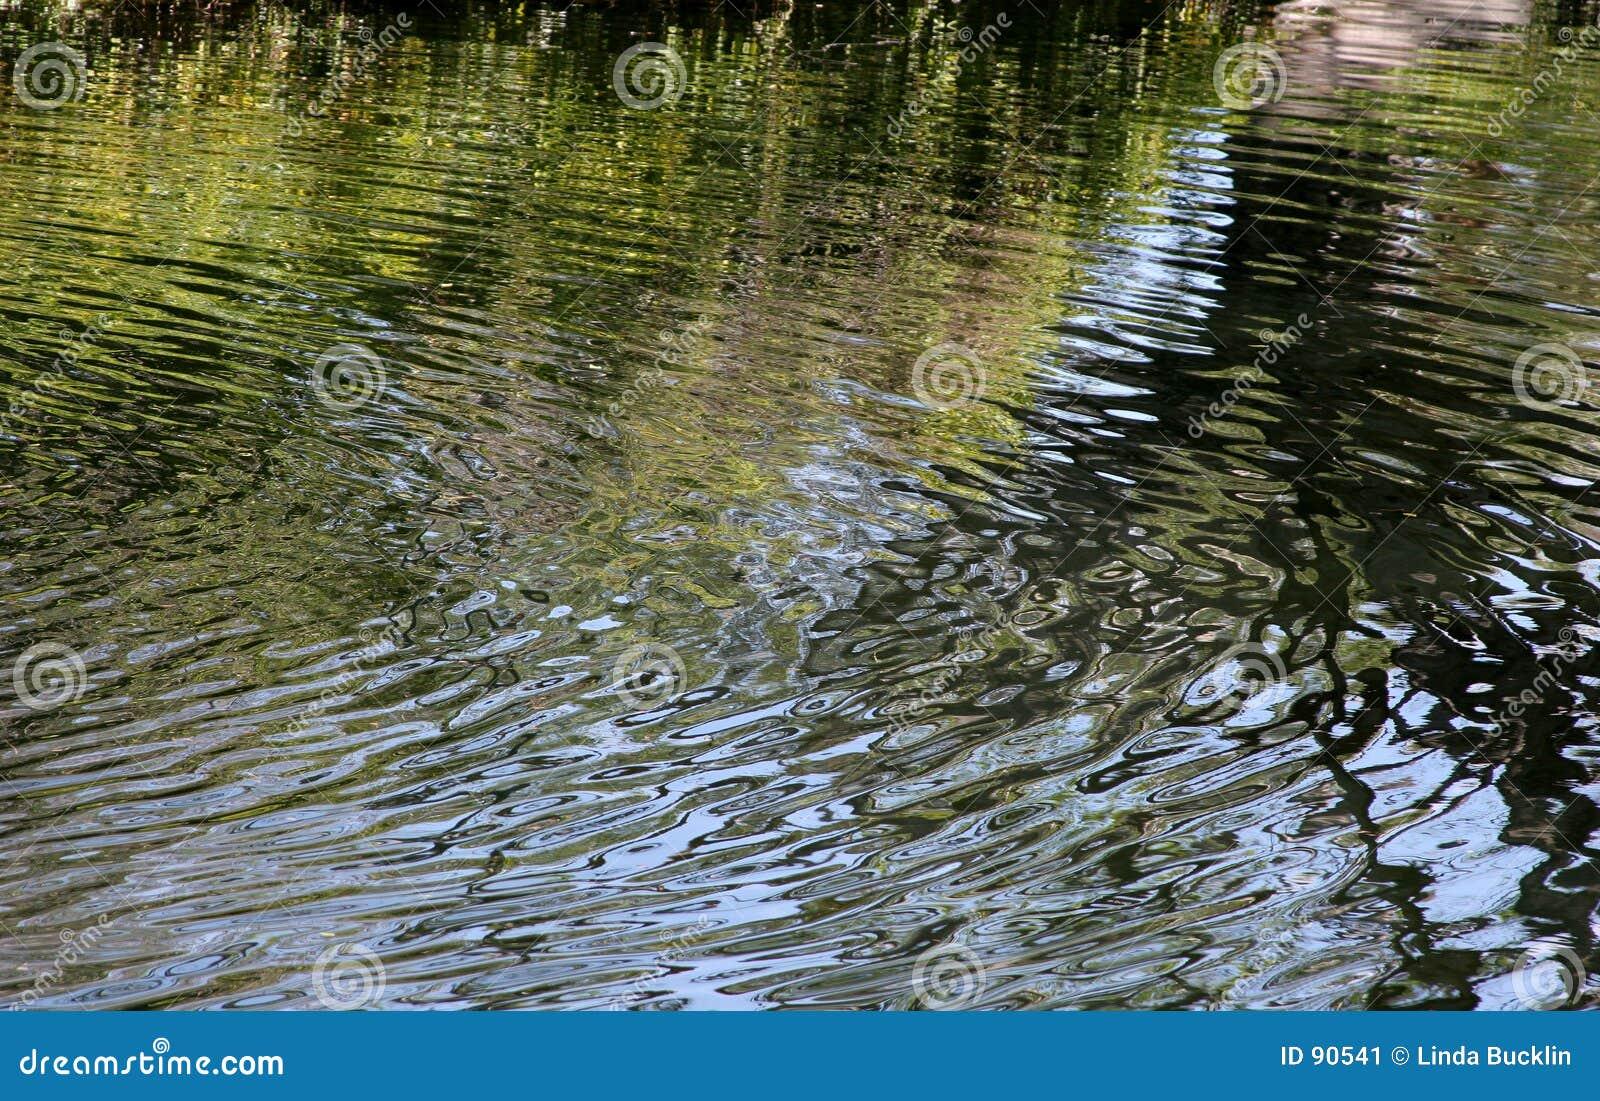 вода пульсаций